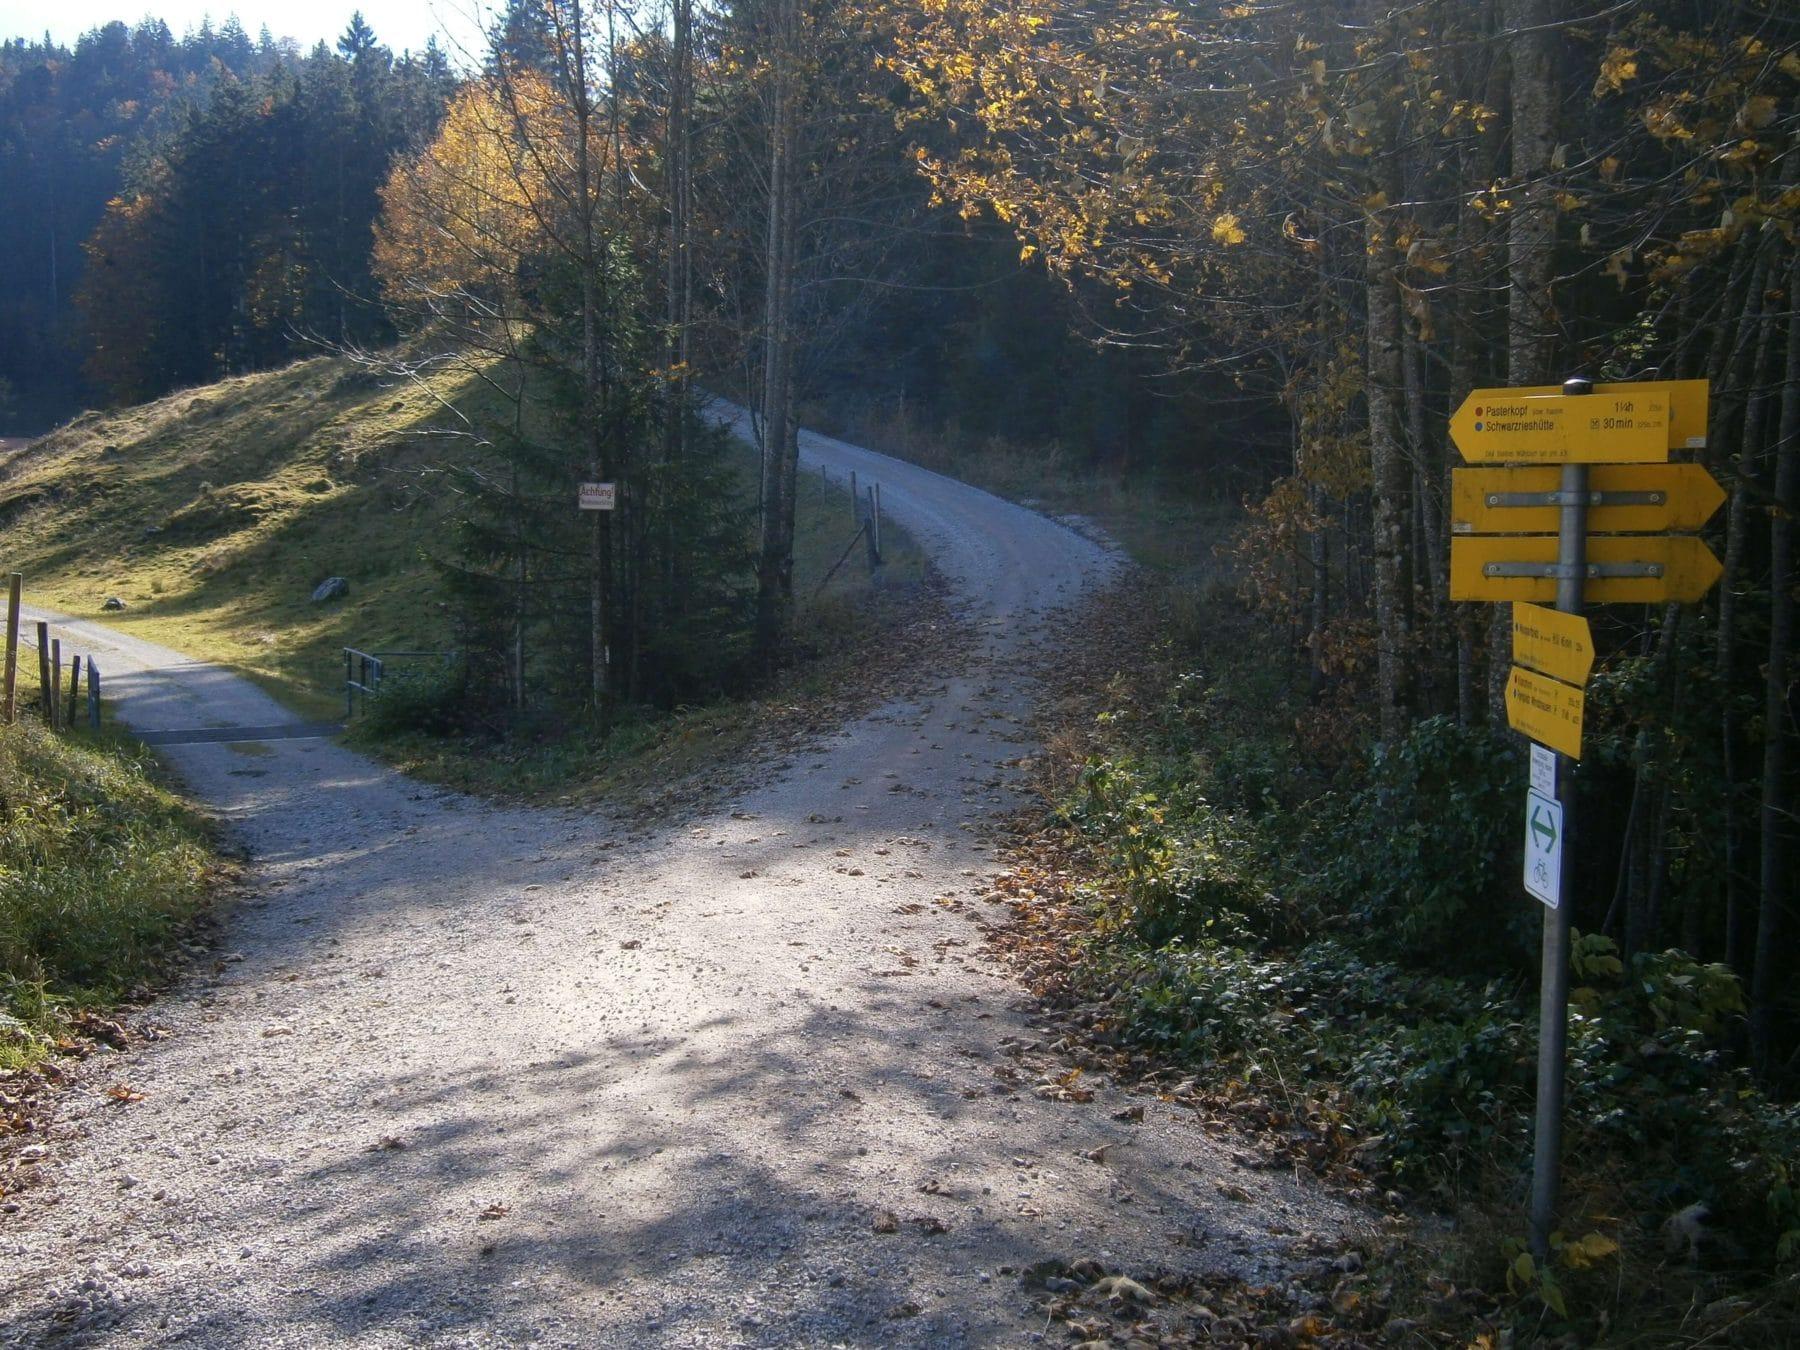 samerberg-schwarzrieshuette-11-abbiegung-links